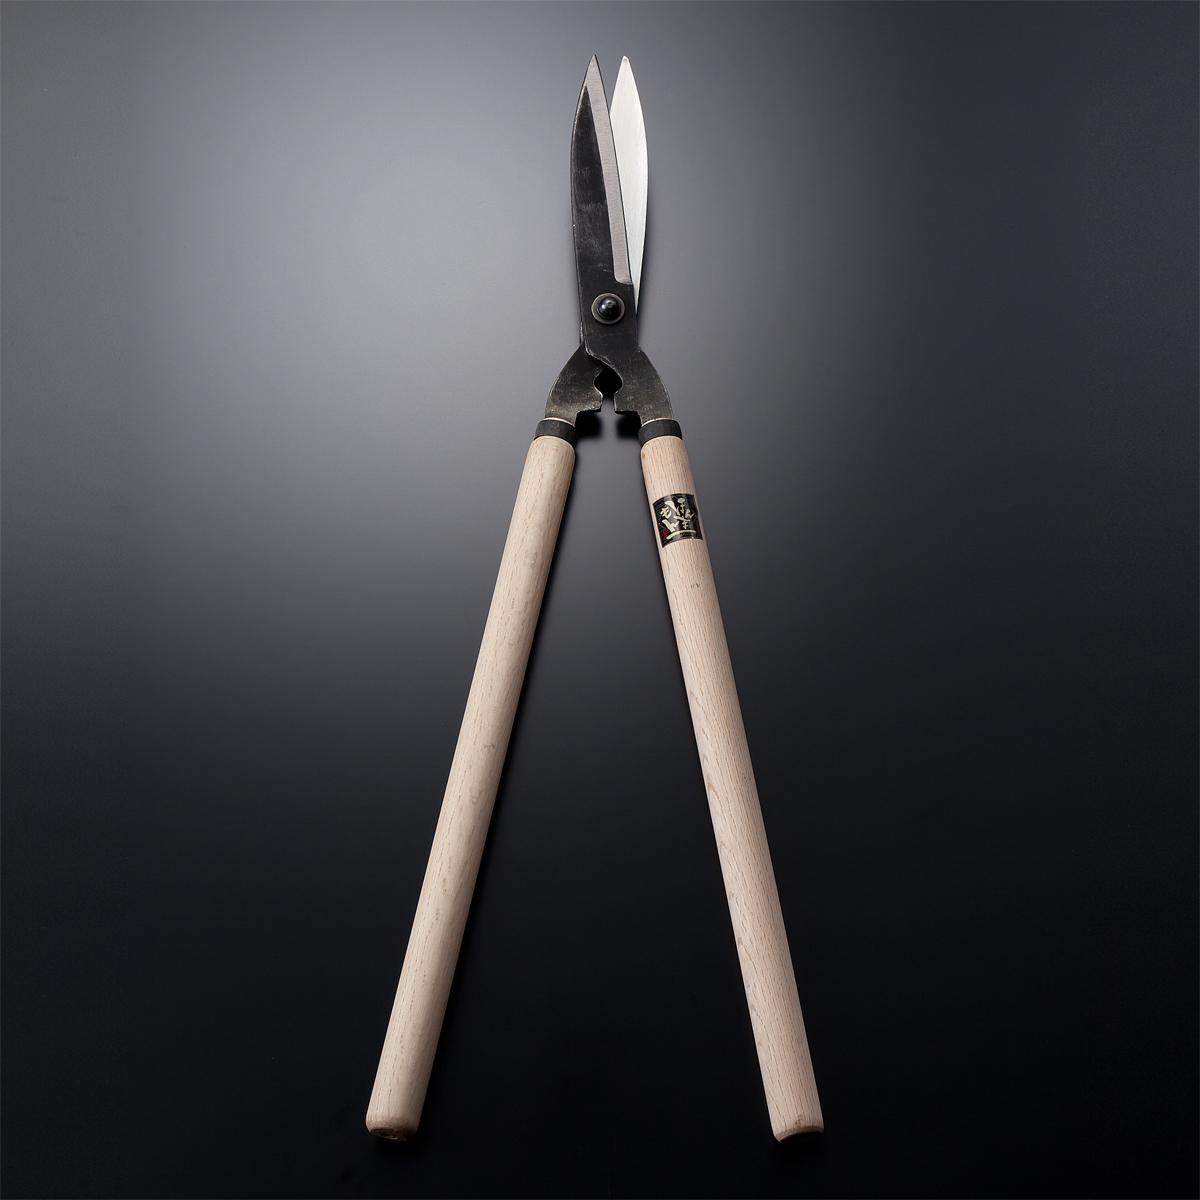 本職用 特上刈込鋏 厚口止型165mm太柄 刈り込みバサミ 【送料無料】